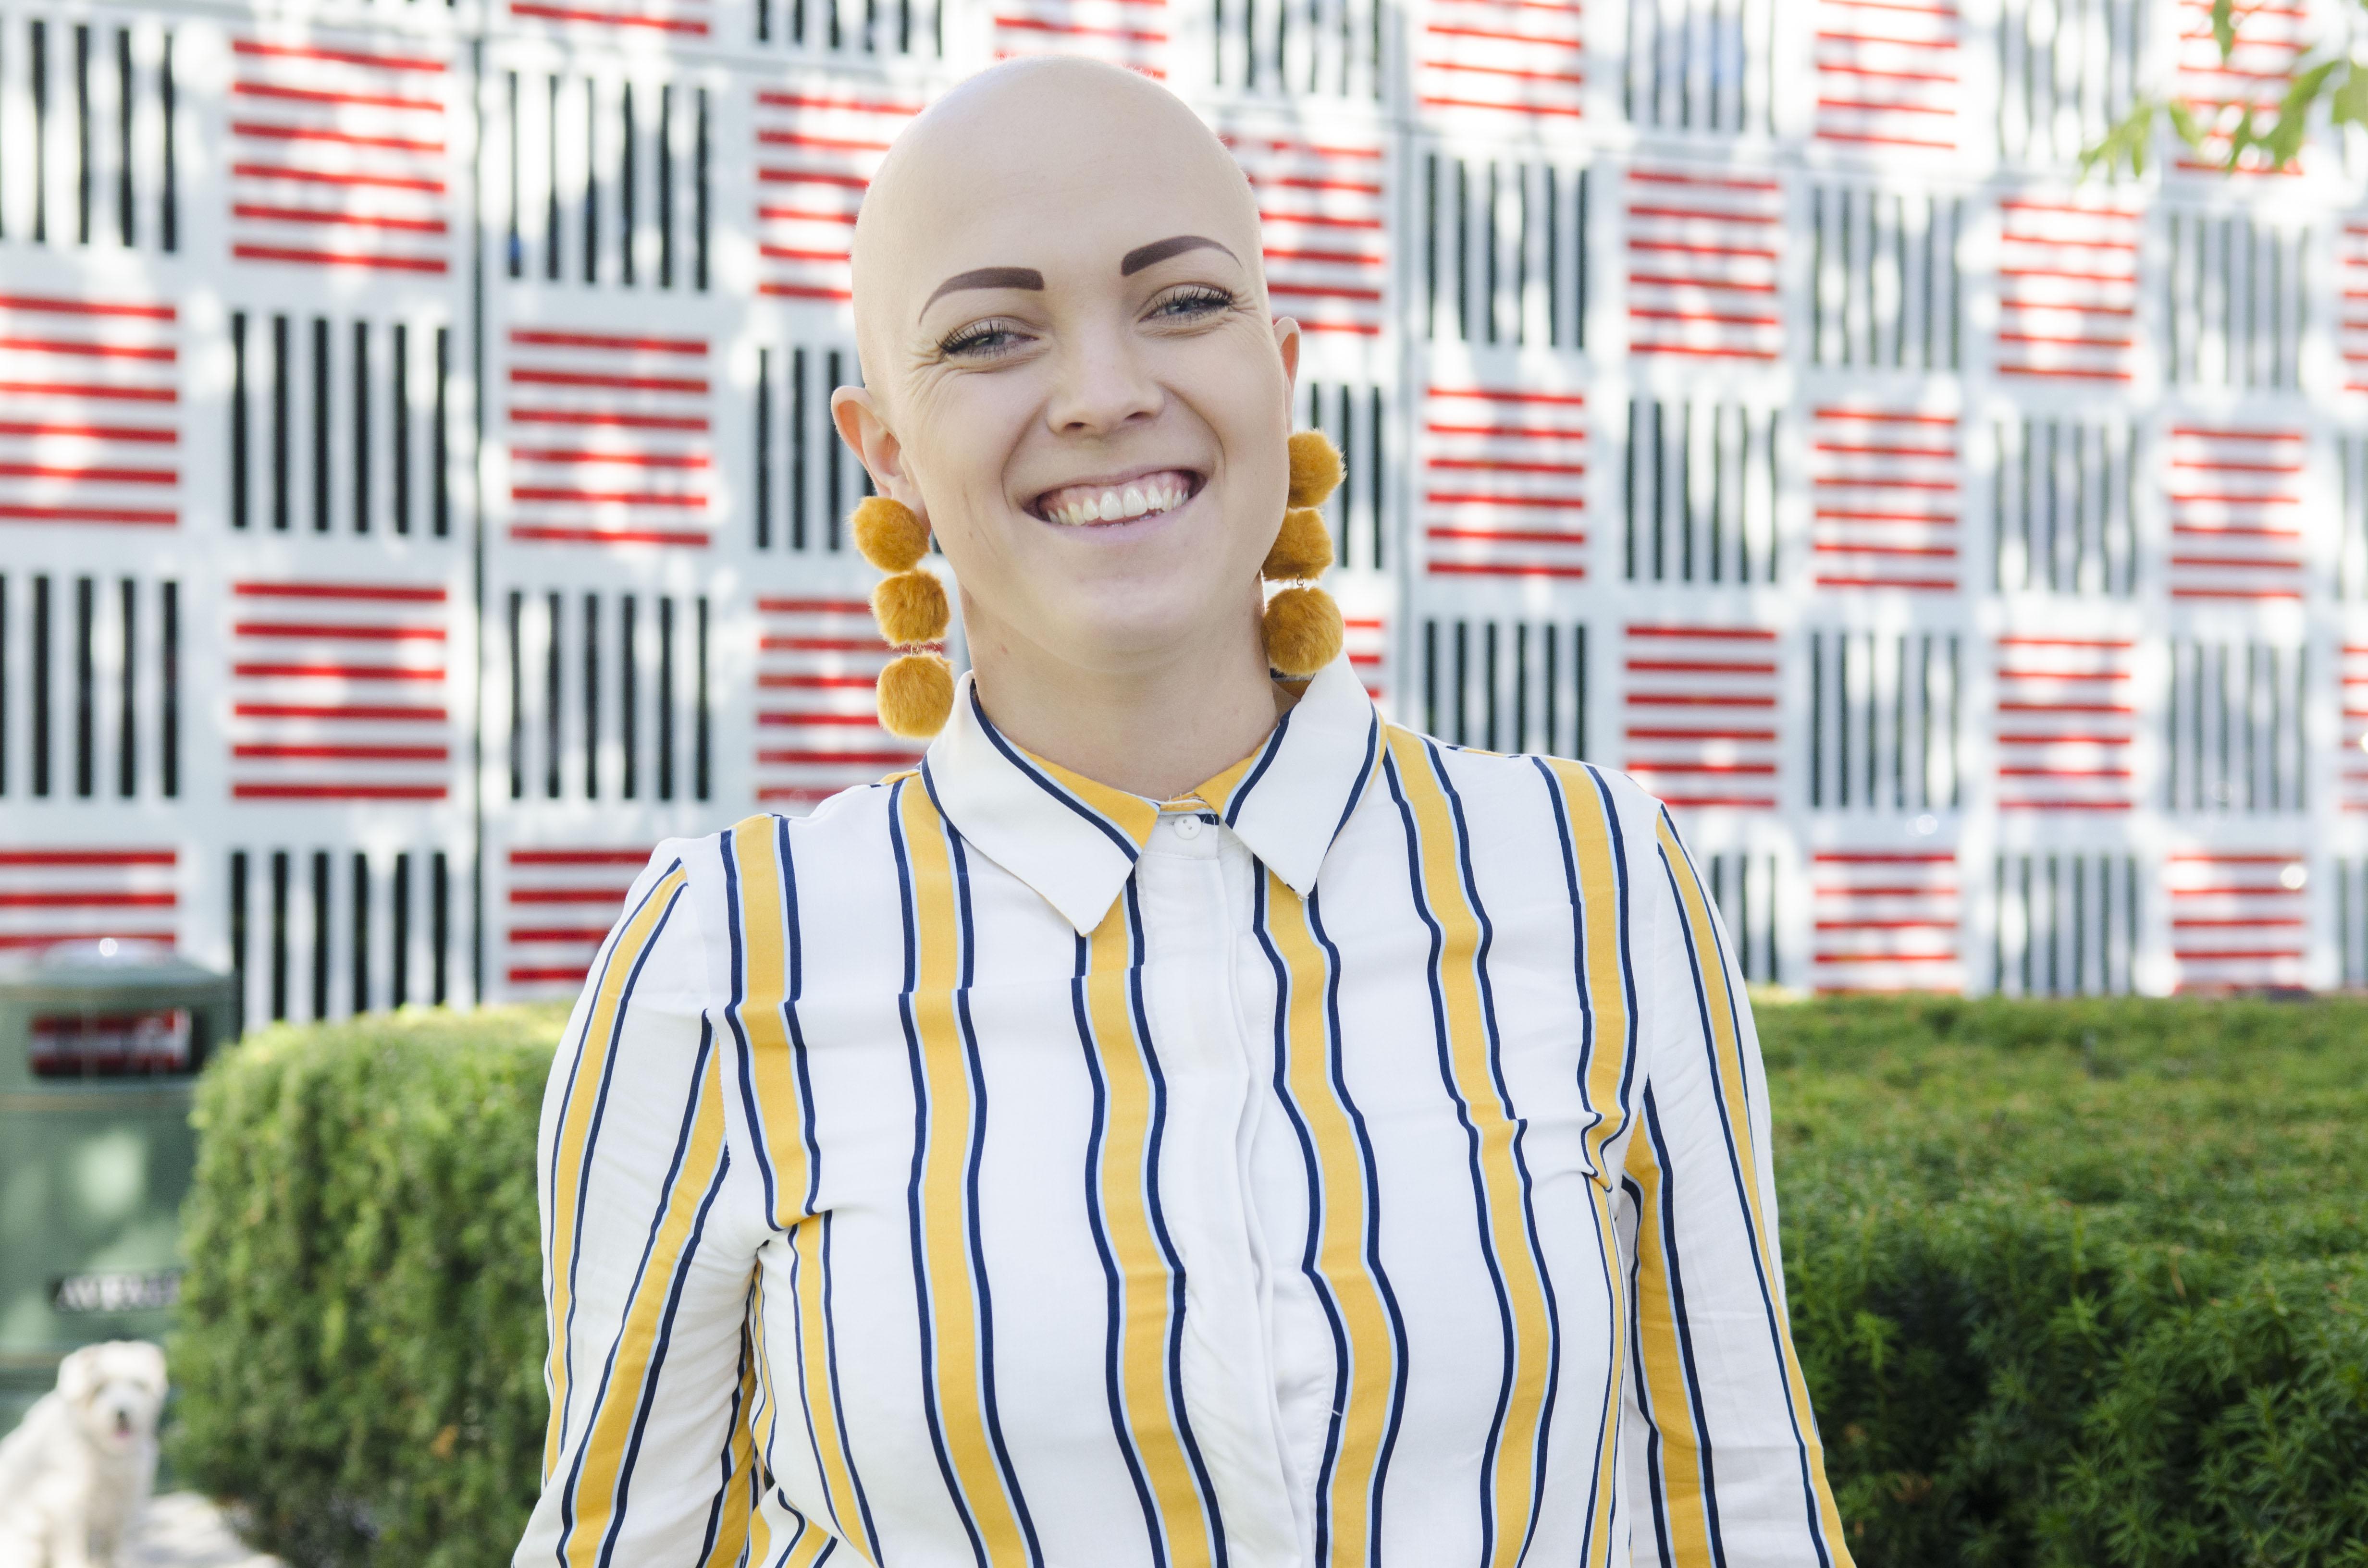 – Det er sjølvsagt dagar då eg skulle ynskje at eg skilte seg mindre ut, seier Maria Saxegaard, som fekk diagnosen alopecia som 19-åring.